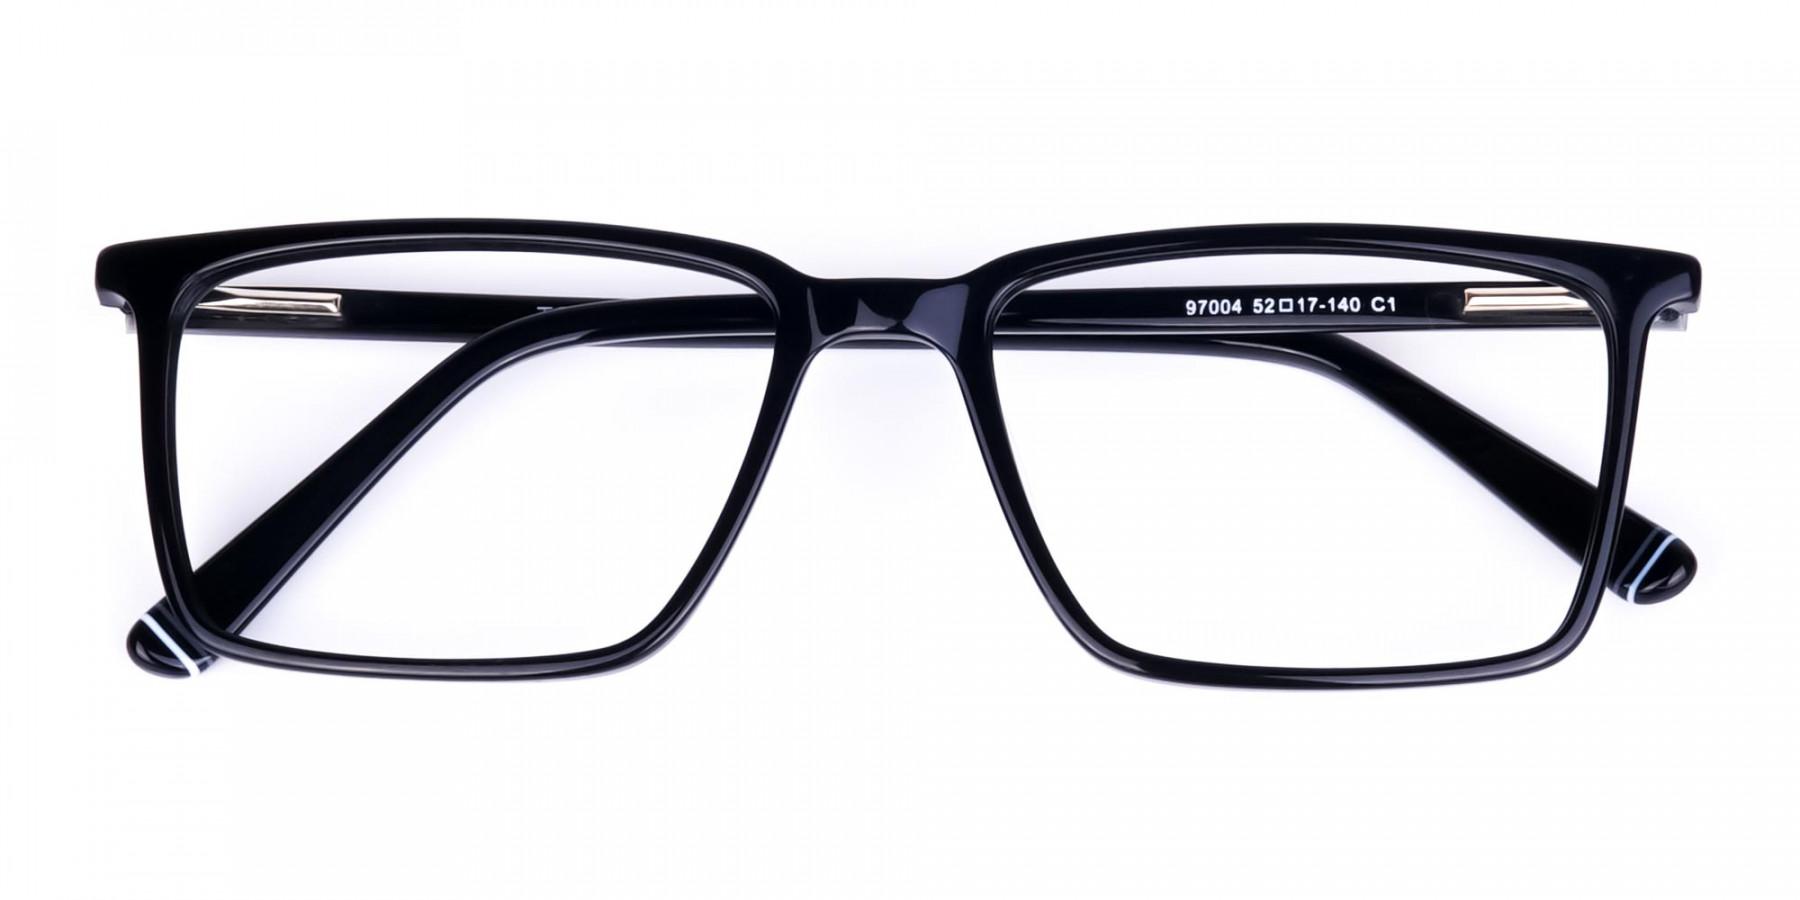 Black-Fully-Rimmed-Rectangular-Glasses-